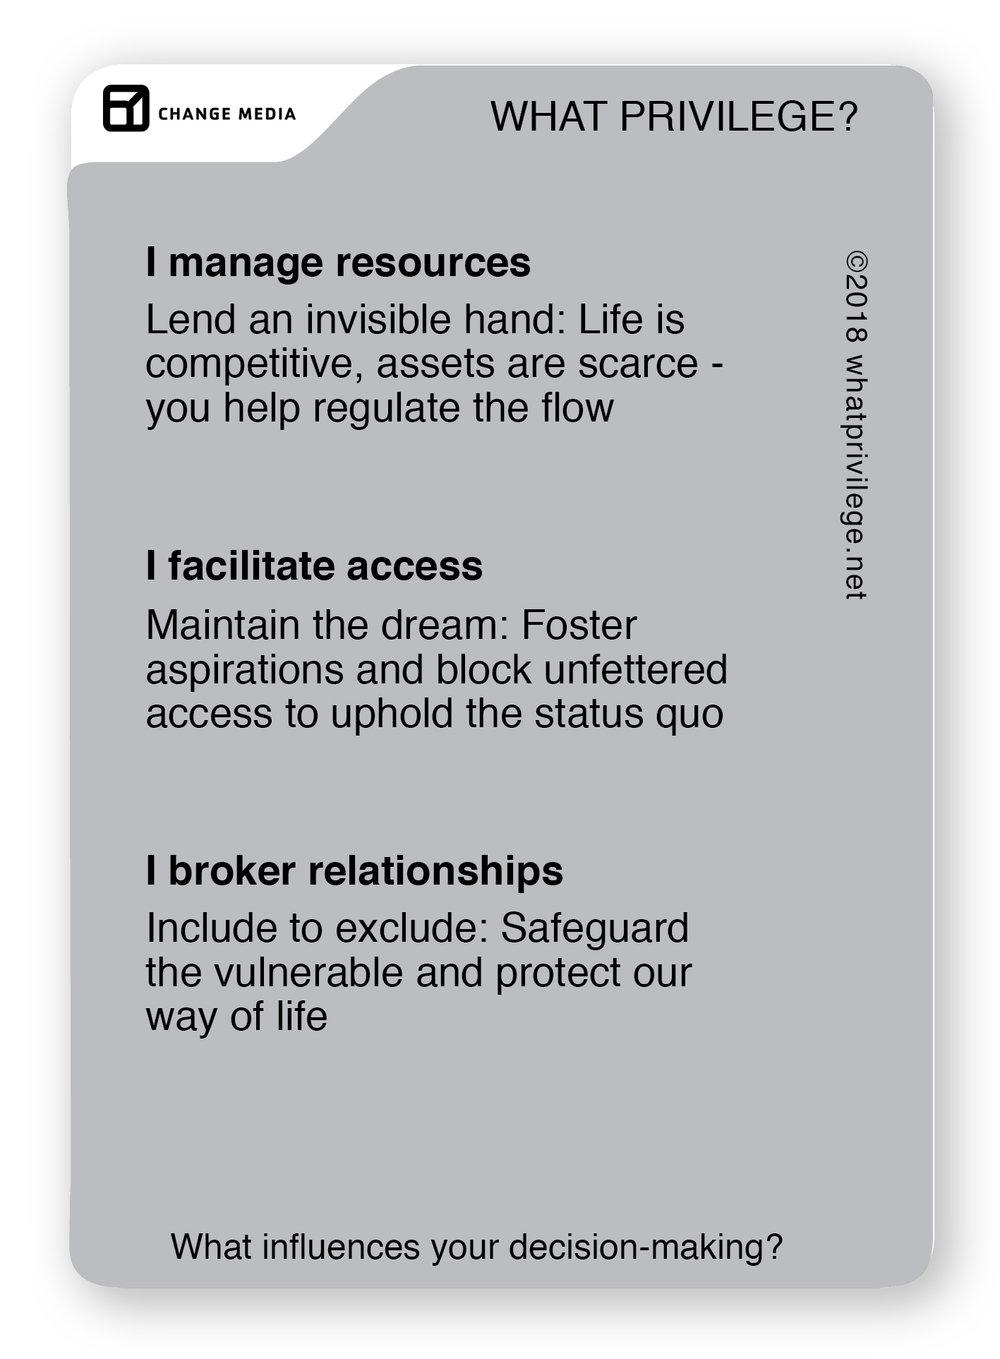 whatprivilege-resources7-back.jpg